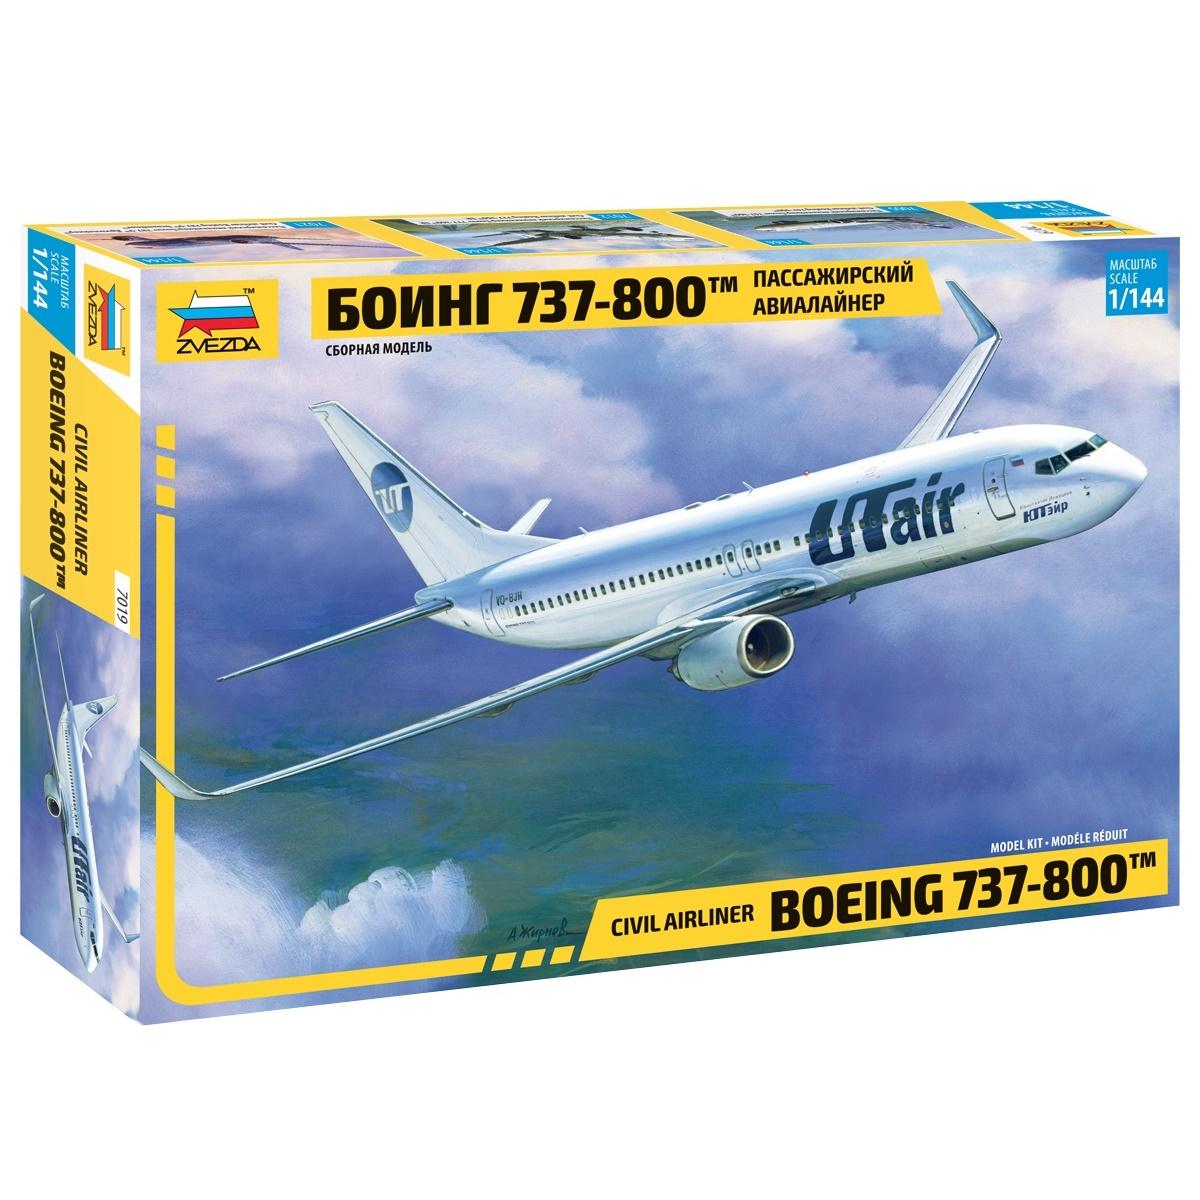 Модель сборная Пассажирский авиалайнер - Боинг 737-300Модели самолетов для склеивания<br>Модель сборная Пассажирский авиалайнер - Боинг 737-300<br>